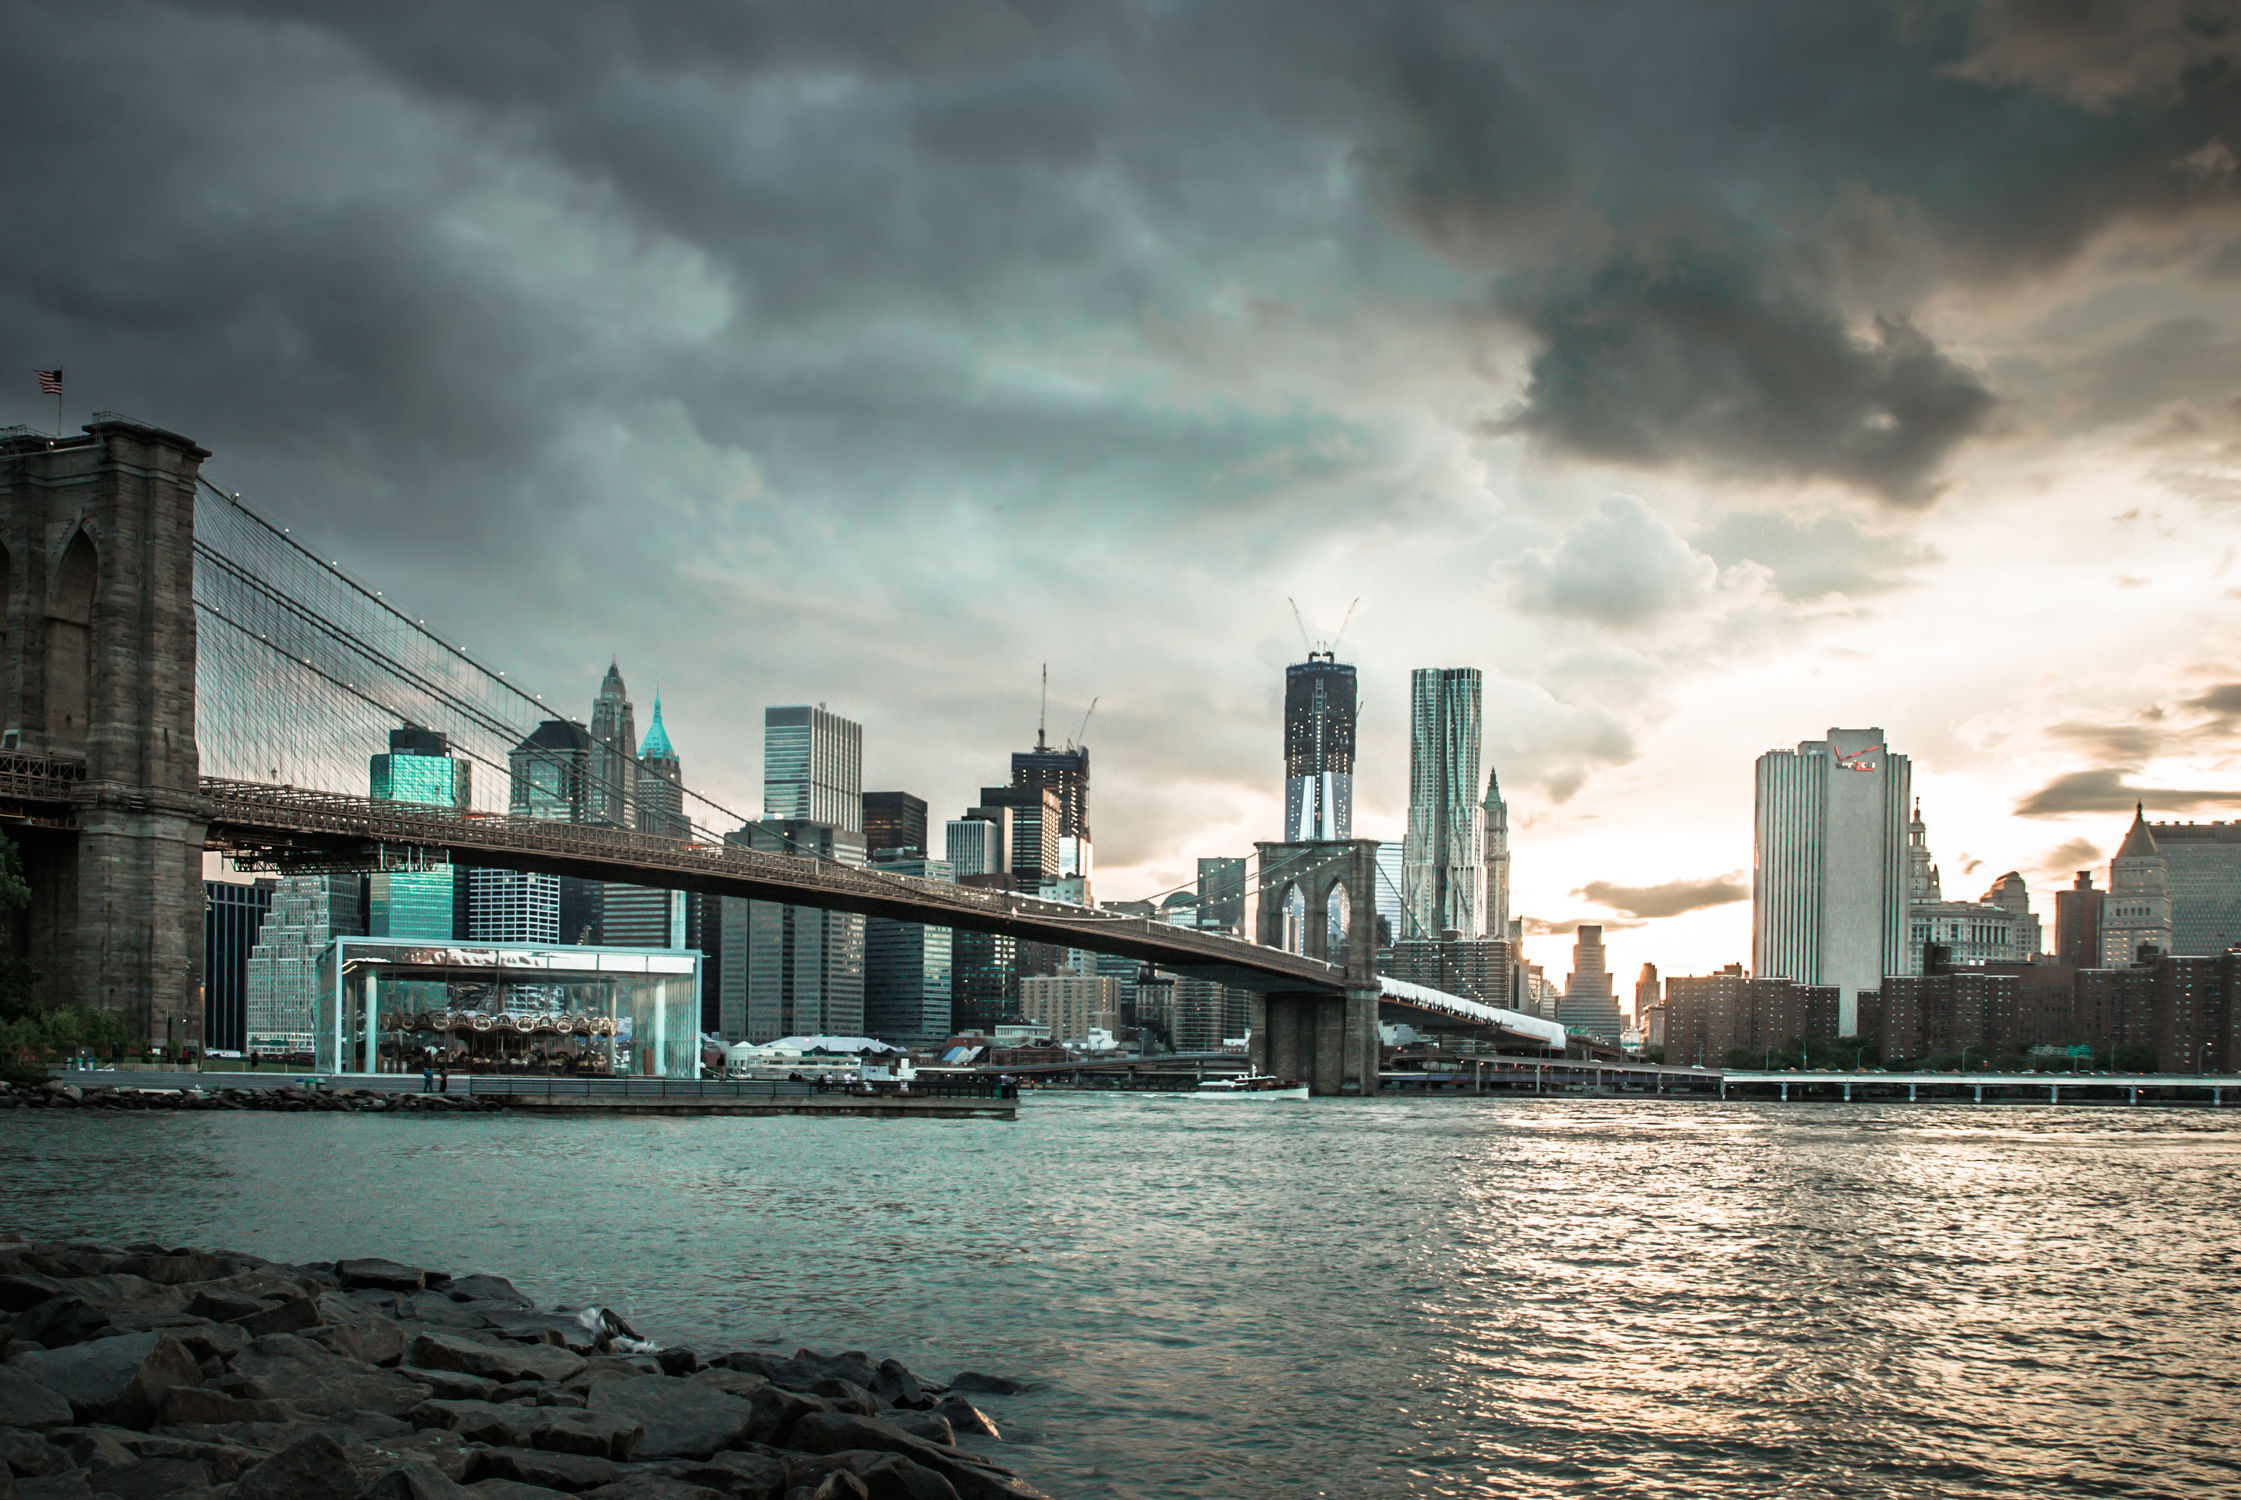 Bild mit Autos, Architektur, Straßen, Stadt, urban, New York, New York, New York, monochrom, Staedte und Architektur, USA, hochhaus, wolkenkratzer, metropole, Straße, Hochhäuser, Manhattan, Brooklyn Bridge, Brooklyn Bridge, Yellow cab, taxi, Taxis, New York City, NYC, Gelbe Taxis, yellow cabs, yellow cabs